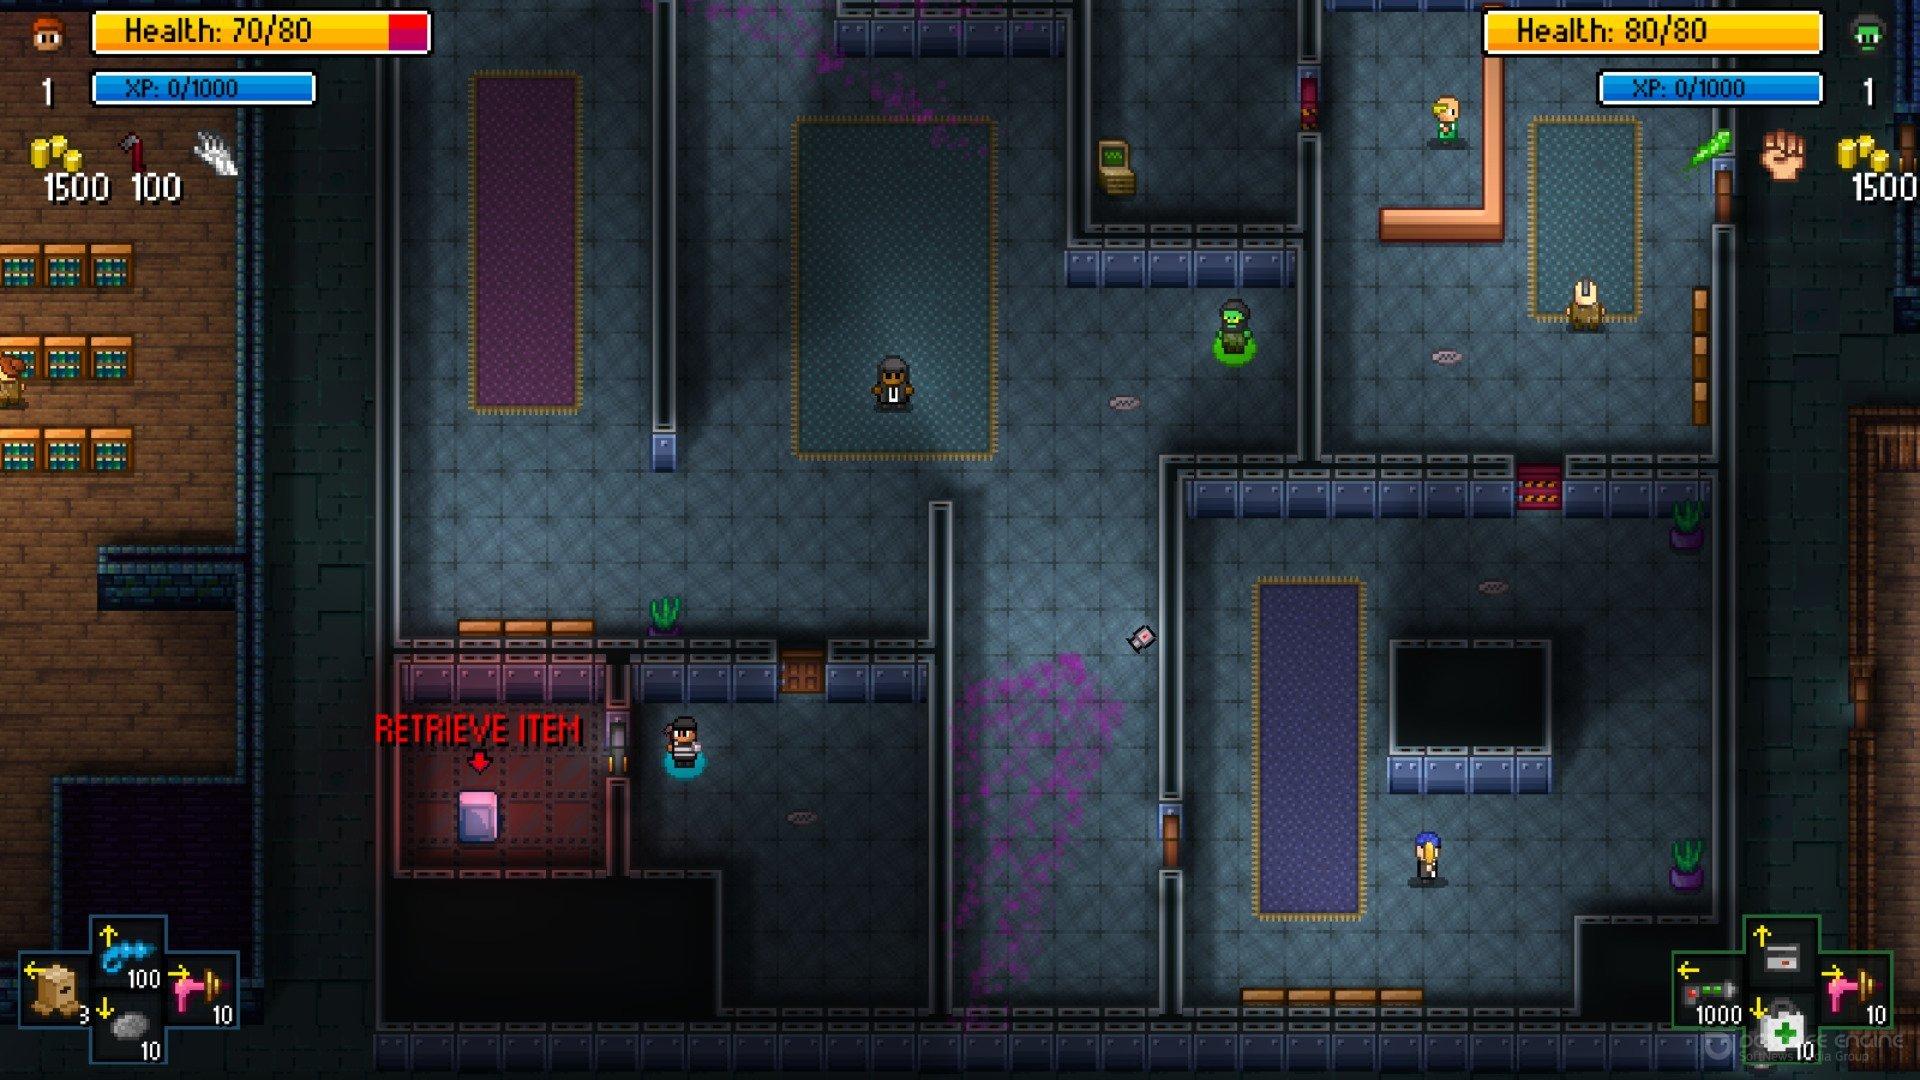 Скриншот к игре Streets of Rogue v.93 [GOG] (2019) скачать торрент Лицензия